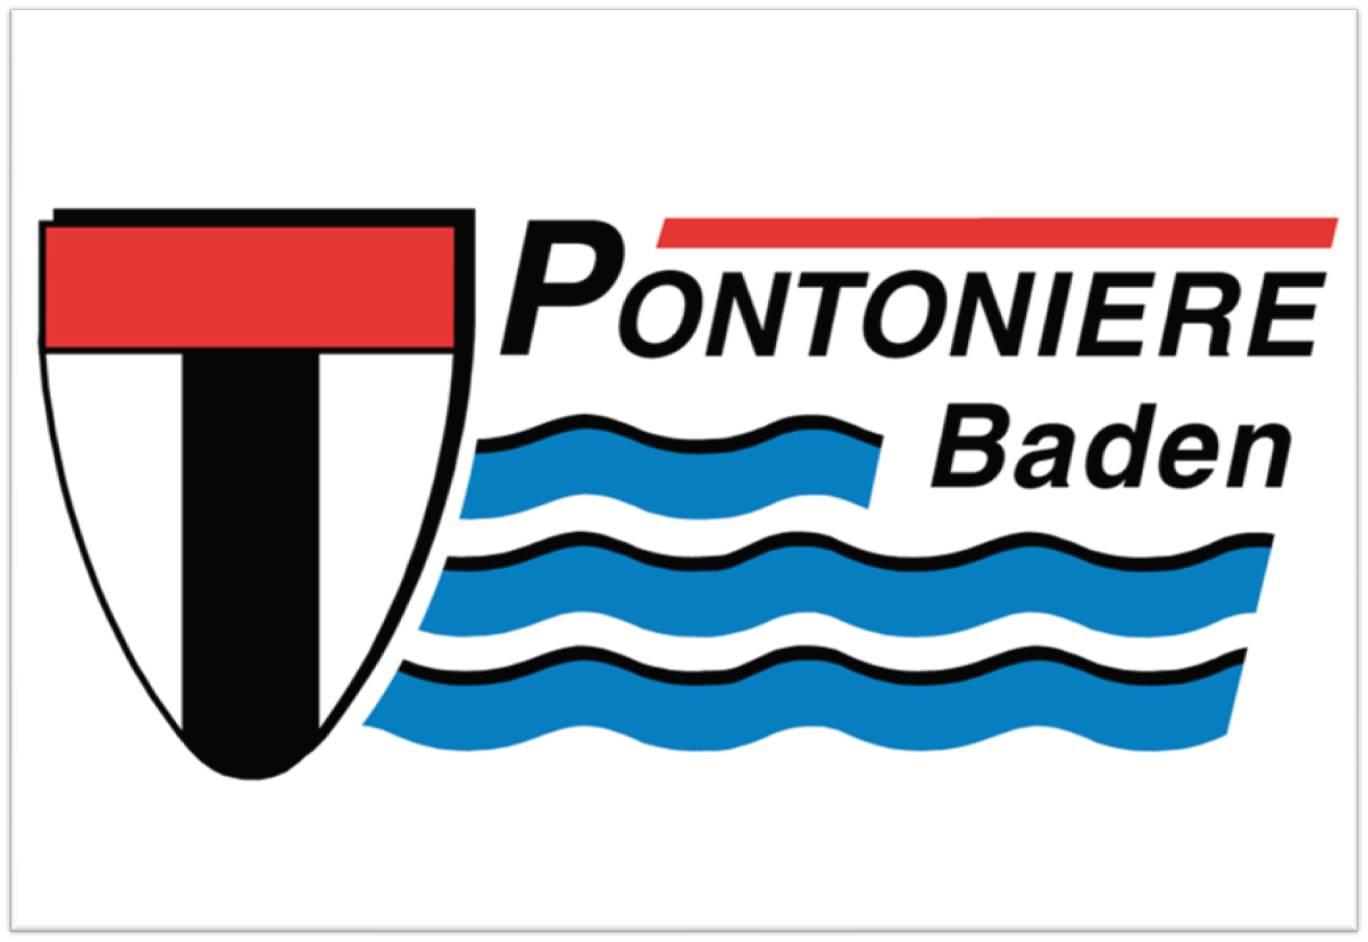 Pontoniere Baden